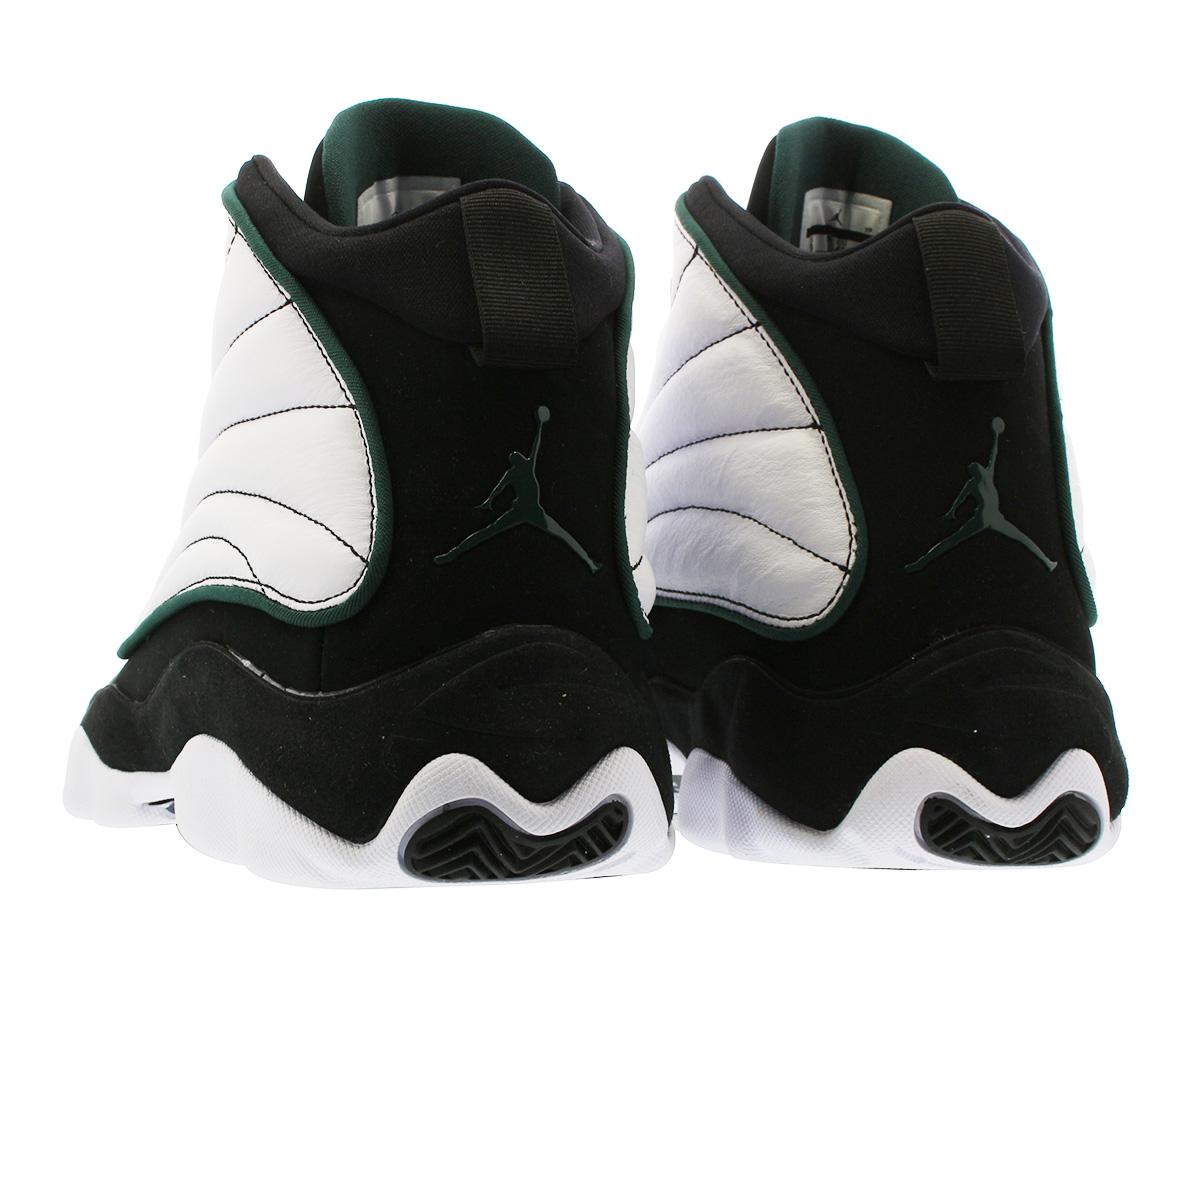 39796db16bd023 SELECT SHOP LOWTEX  NIKE JORDAN PRO STRONG Nike Jordan Prost long ...